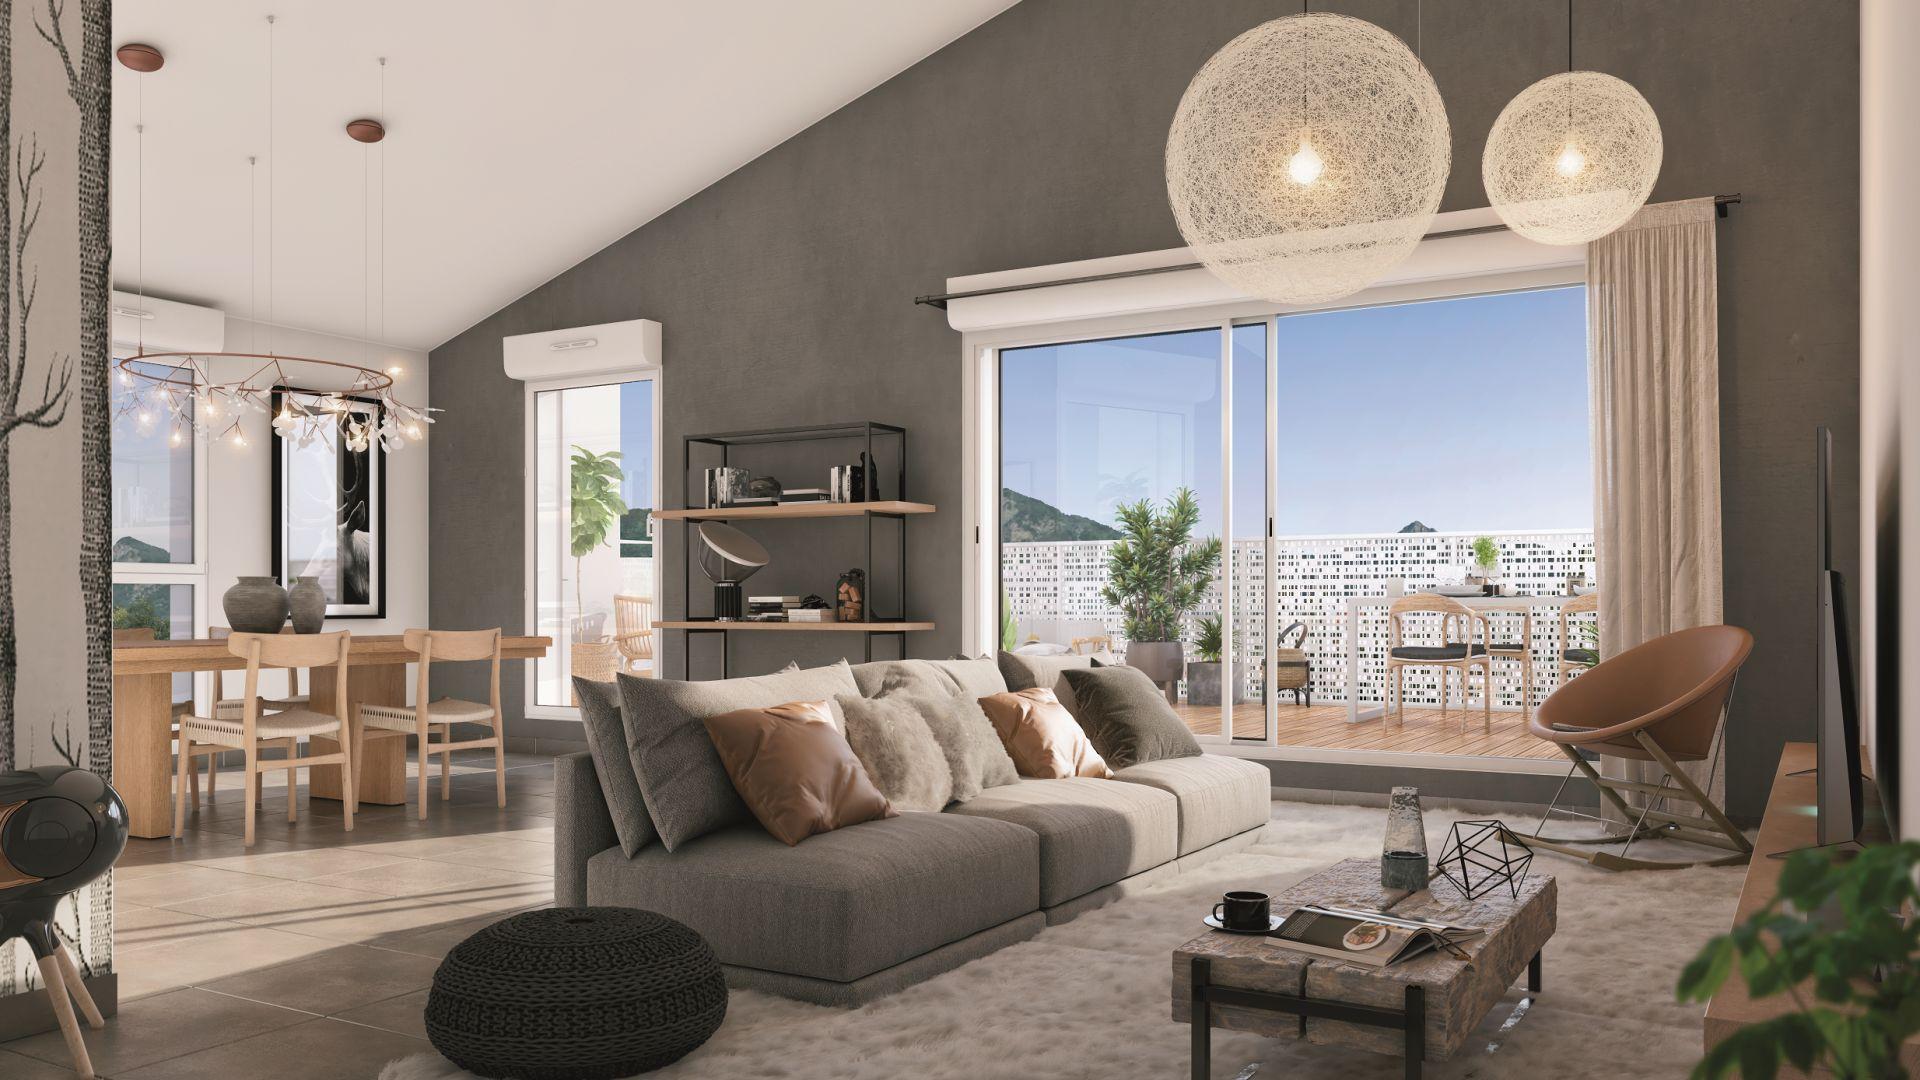 Greencity Immobilier - Résidence Le Saphir - 74300 Cluses - appartements neufs a vendre du T2 au T4 - vue intérieure